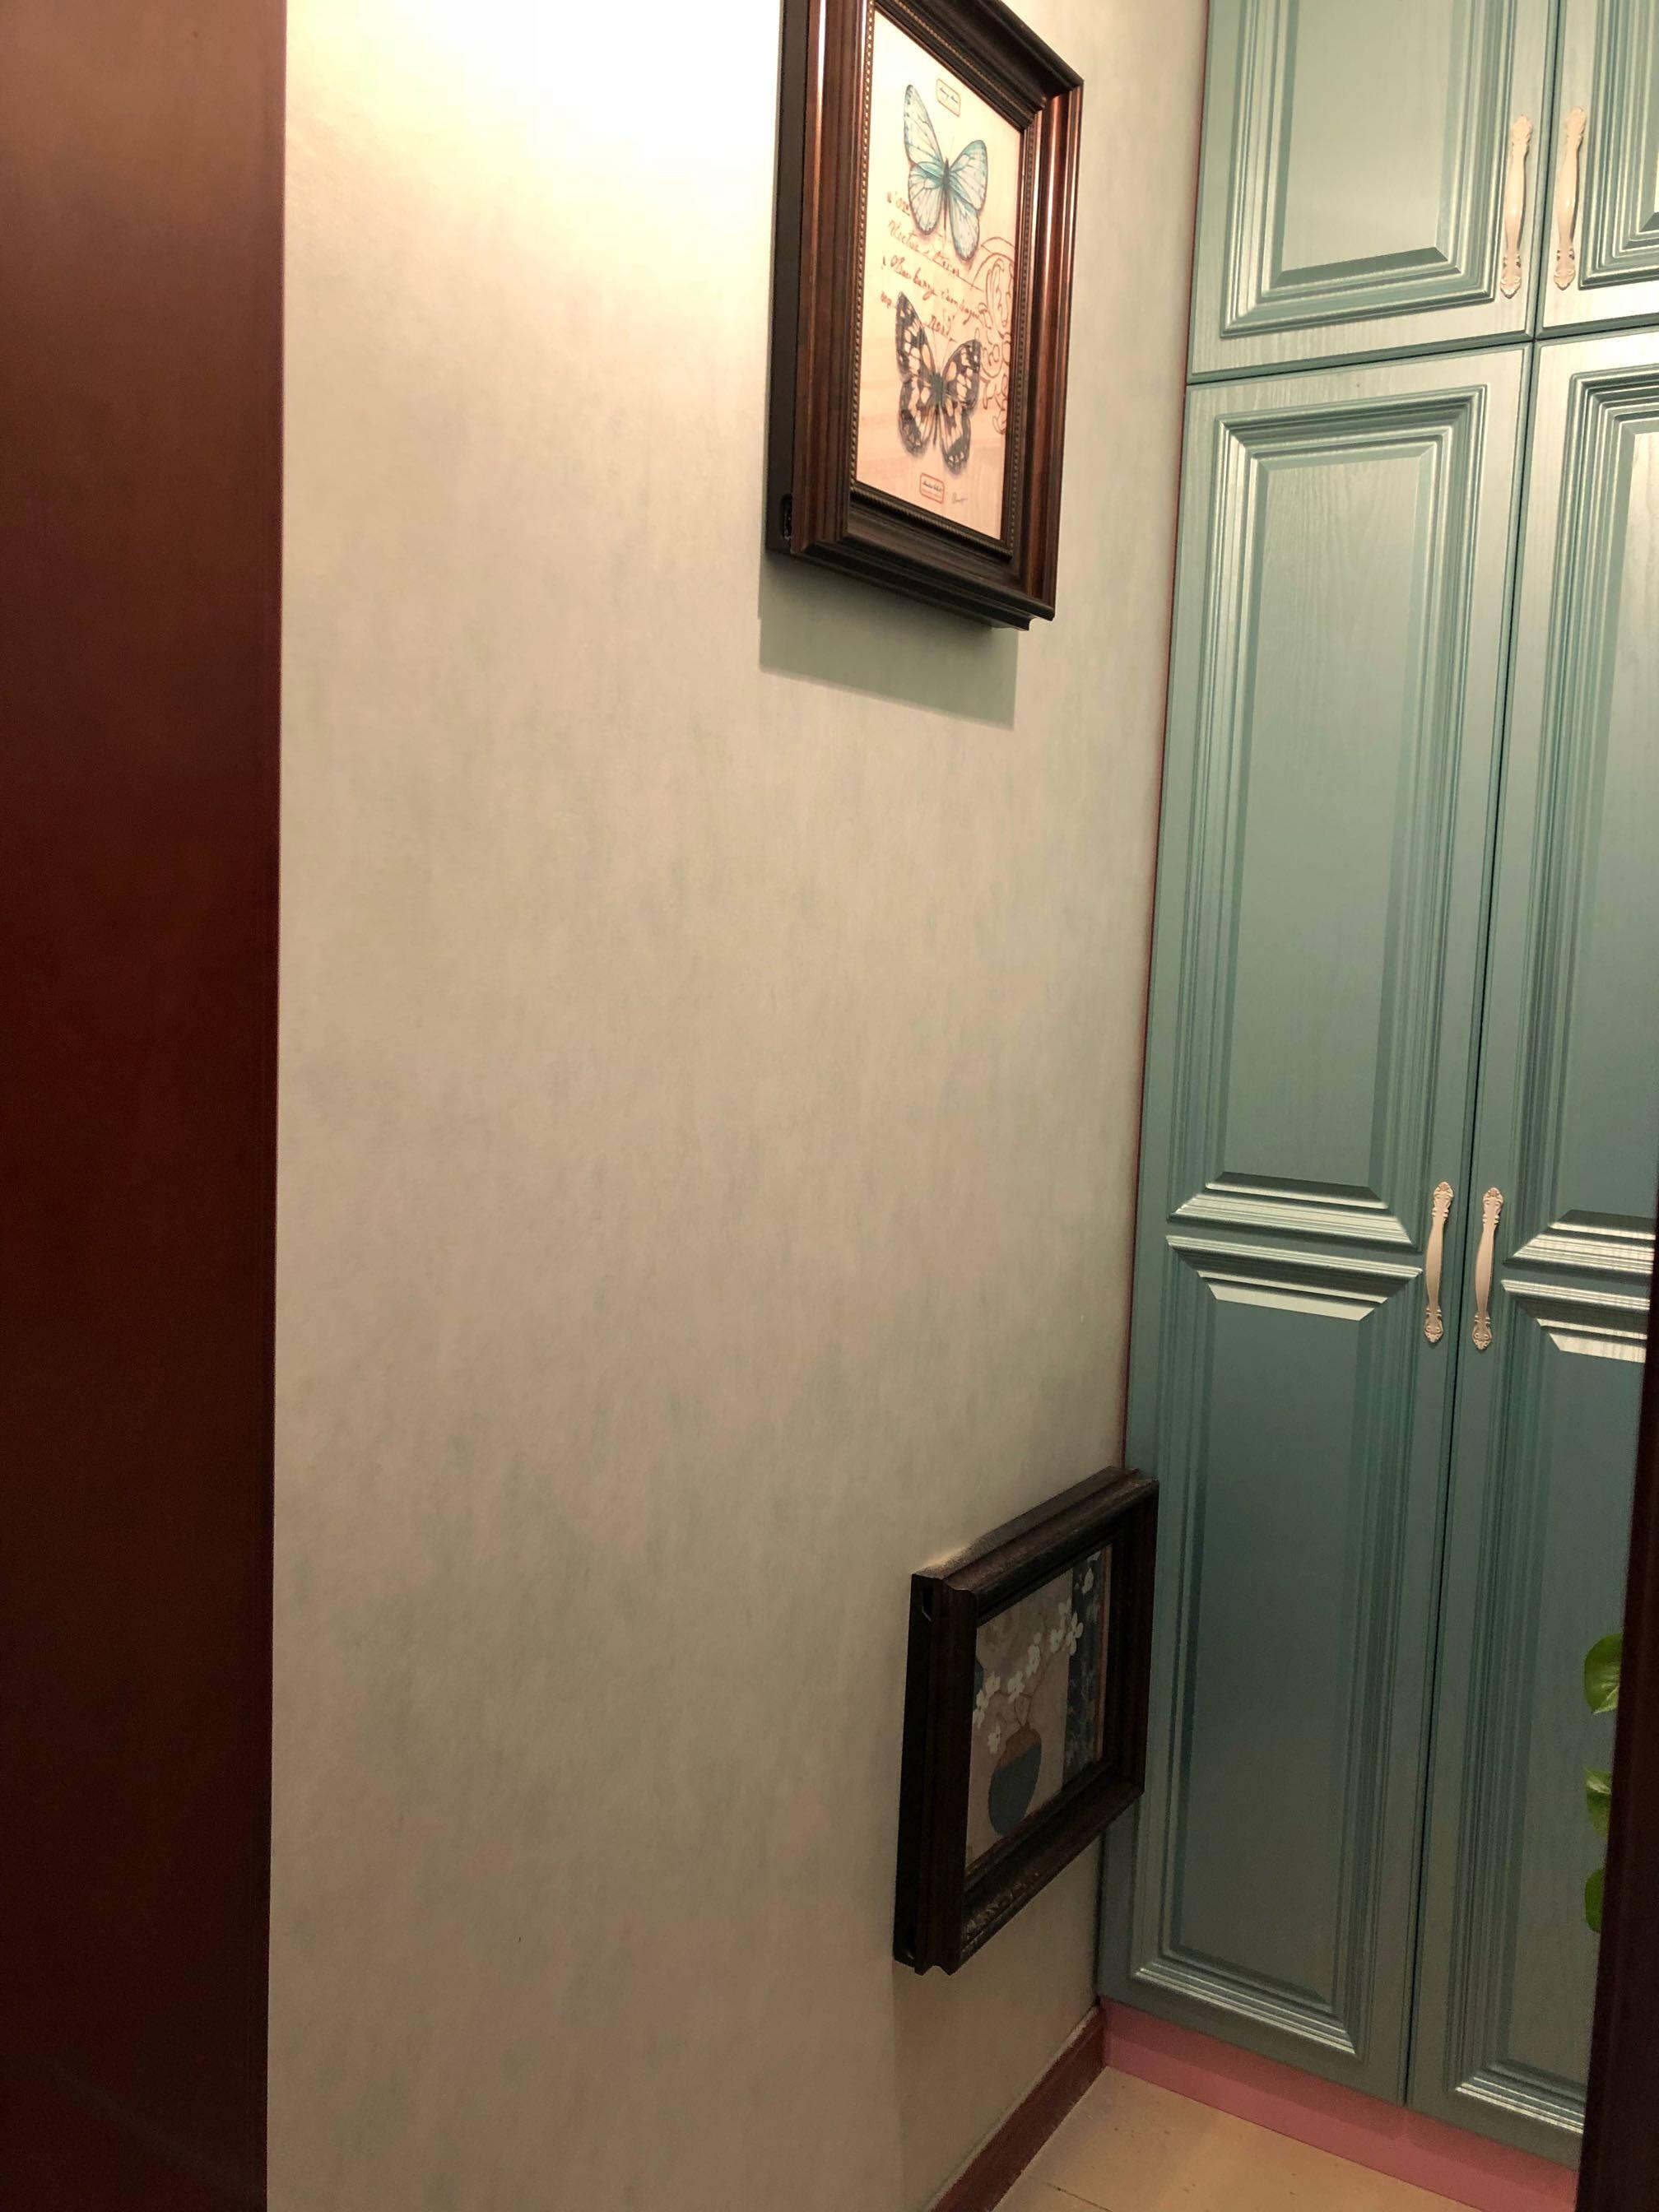 艺米电表箱装饰画配电箱画美式液压翻盖新中式可推拉弱电箱遮挡画黄金大道竖55x横70cm(可收纳40x60cm电箱)